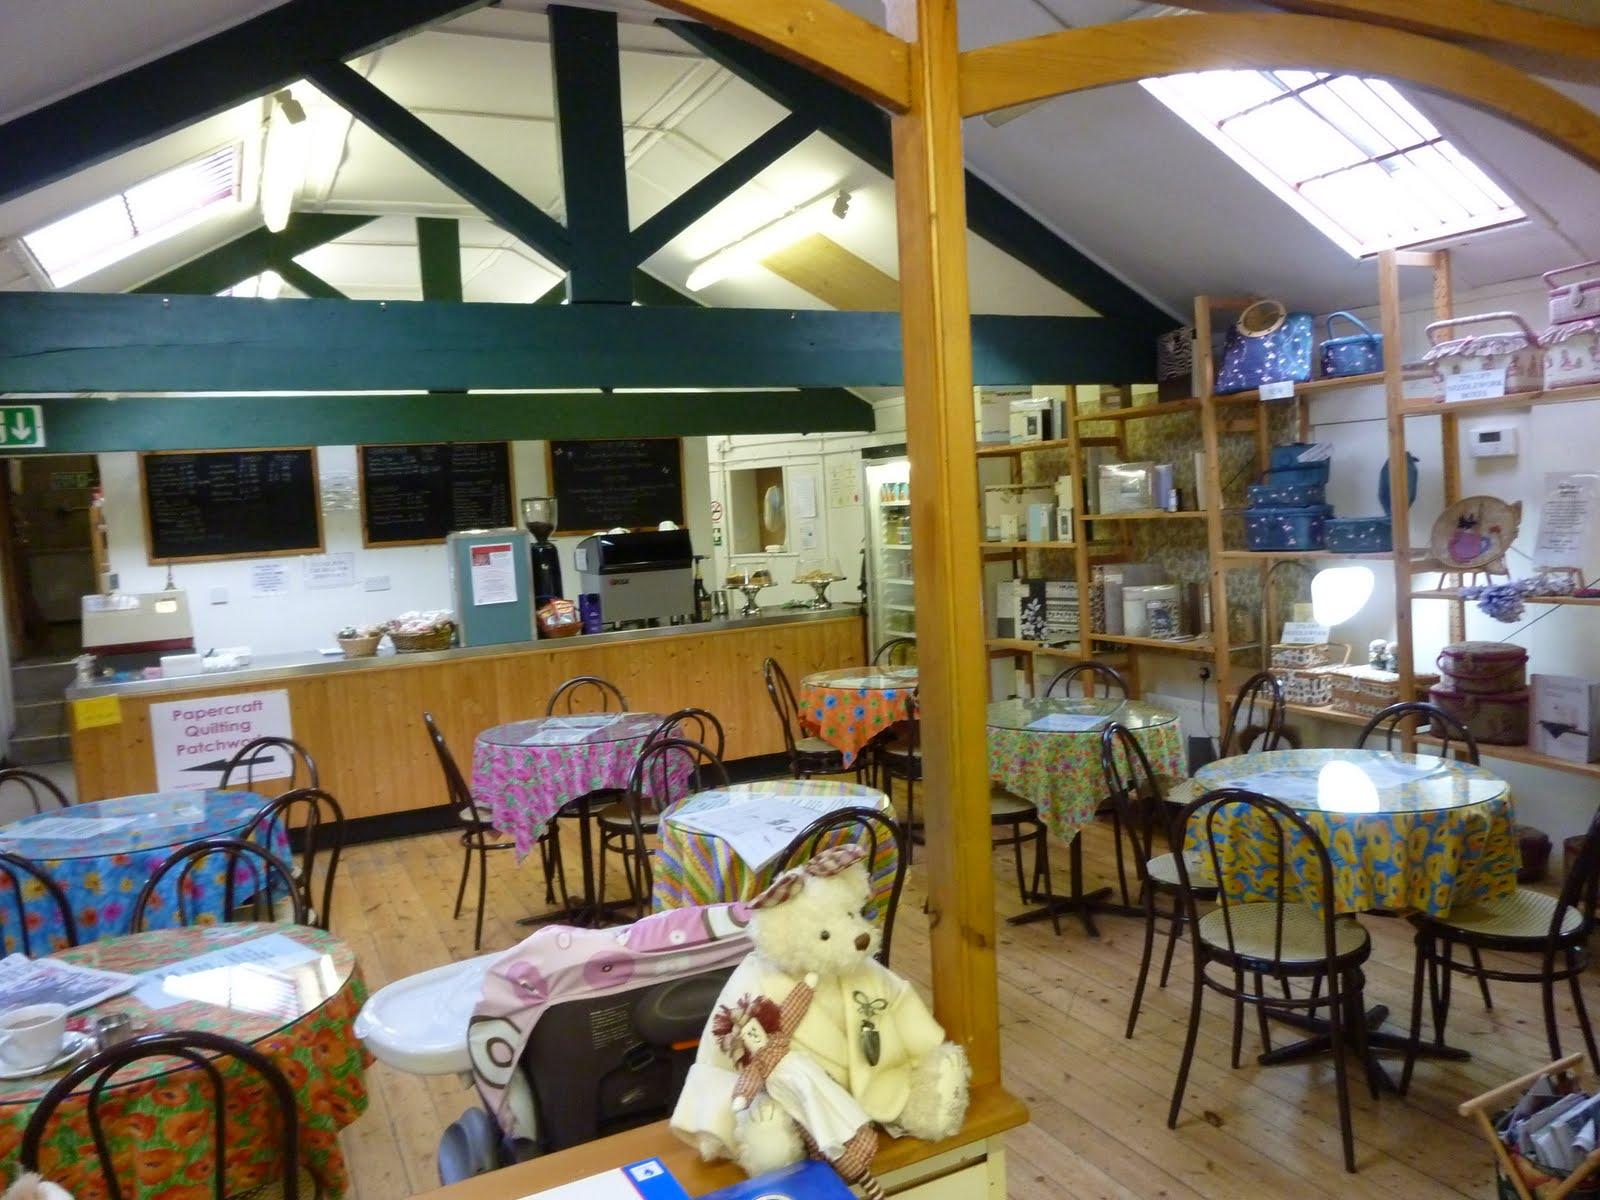 http://2.bp.blogspot.com/_SY57OkKyKu0/TL4I-O-tZ9I/AAAAAAAAAbU/_wO3d-T6U6Y/s1600/cafe+embsay+mills+skipton.JPG